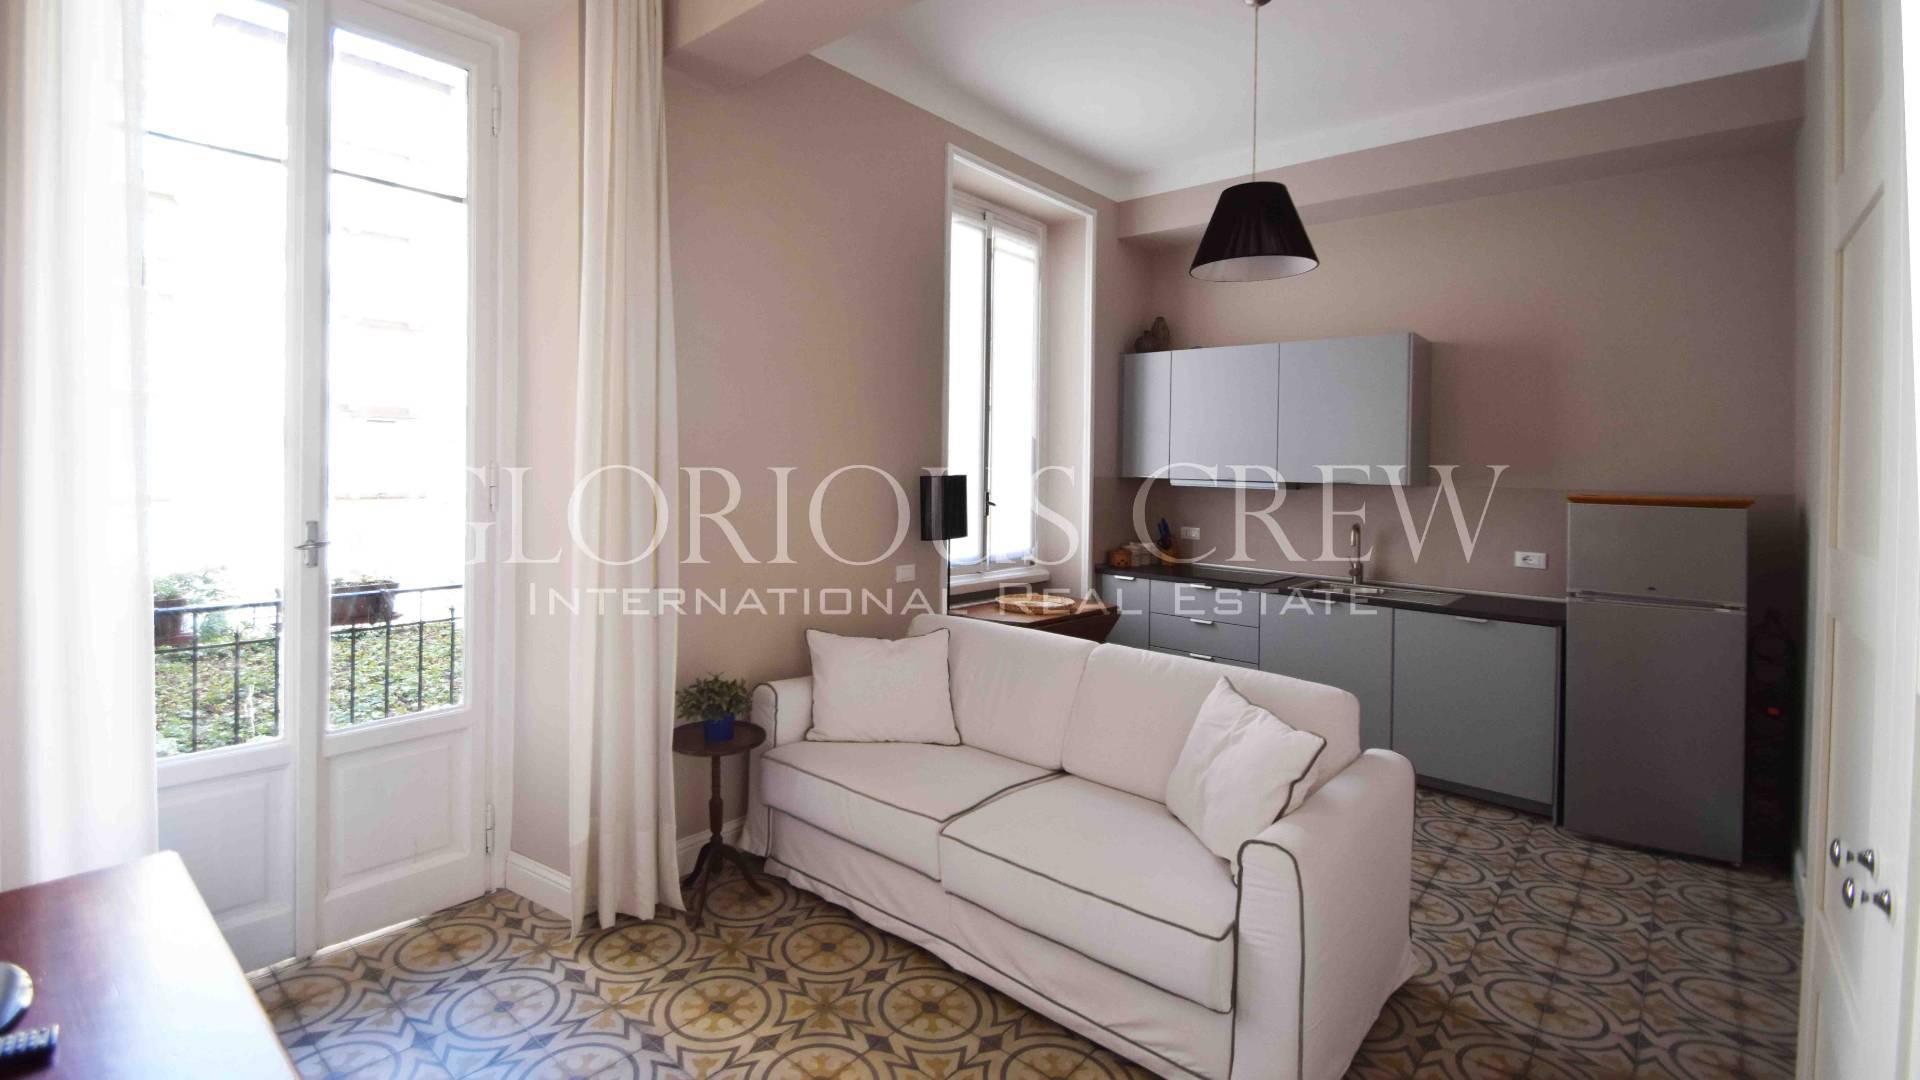 Appartamento in Affitto a Milano 17 Marghera / Wagner / Fiera: 1 locali, 35 mq